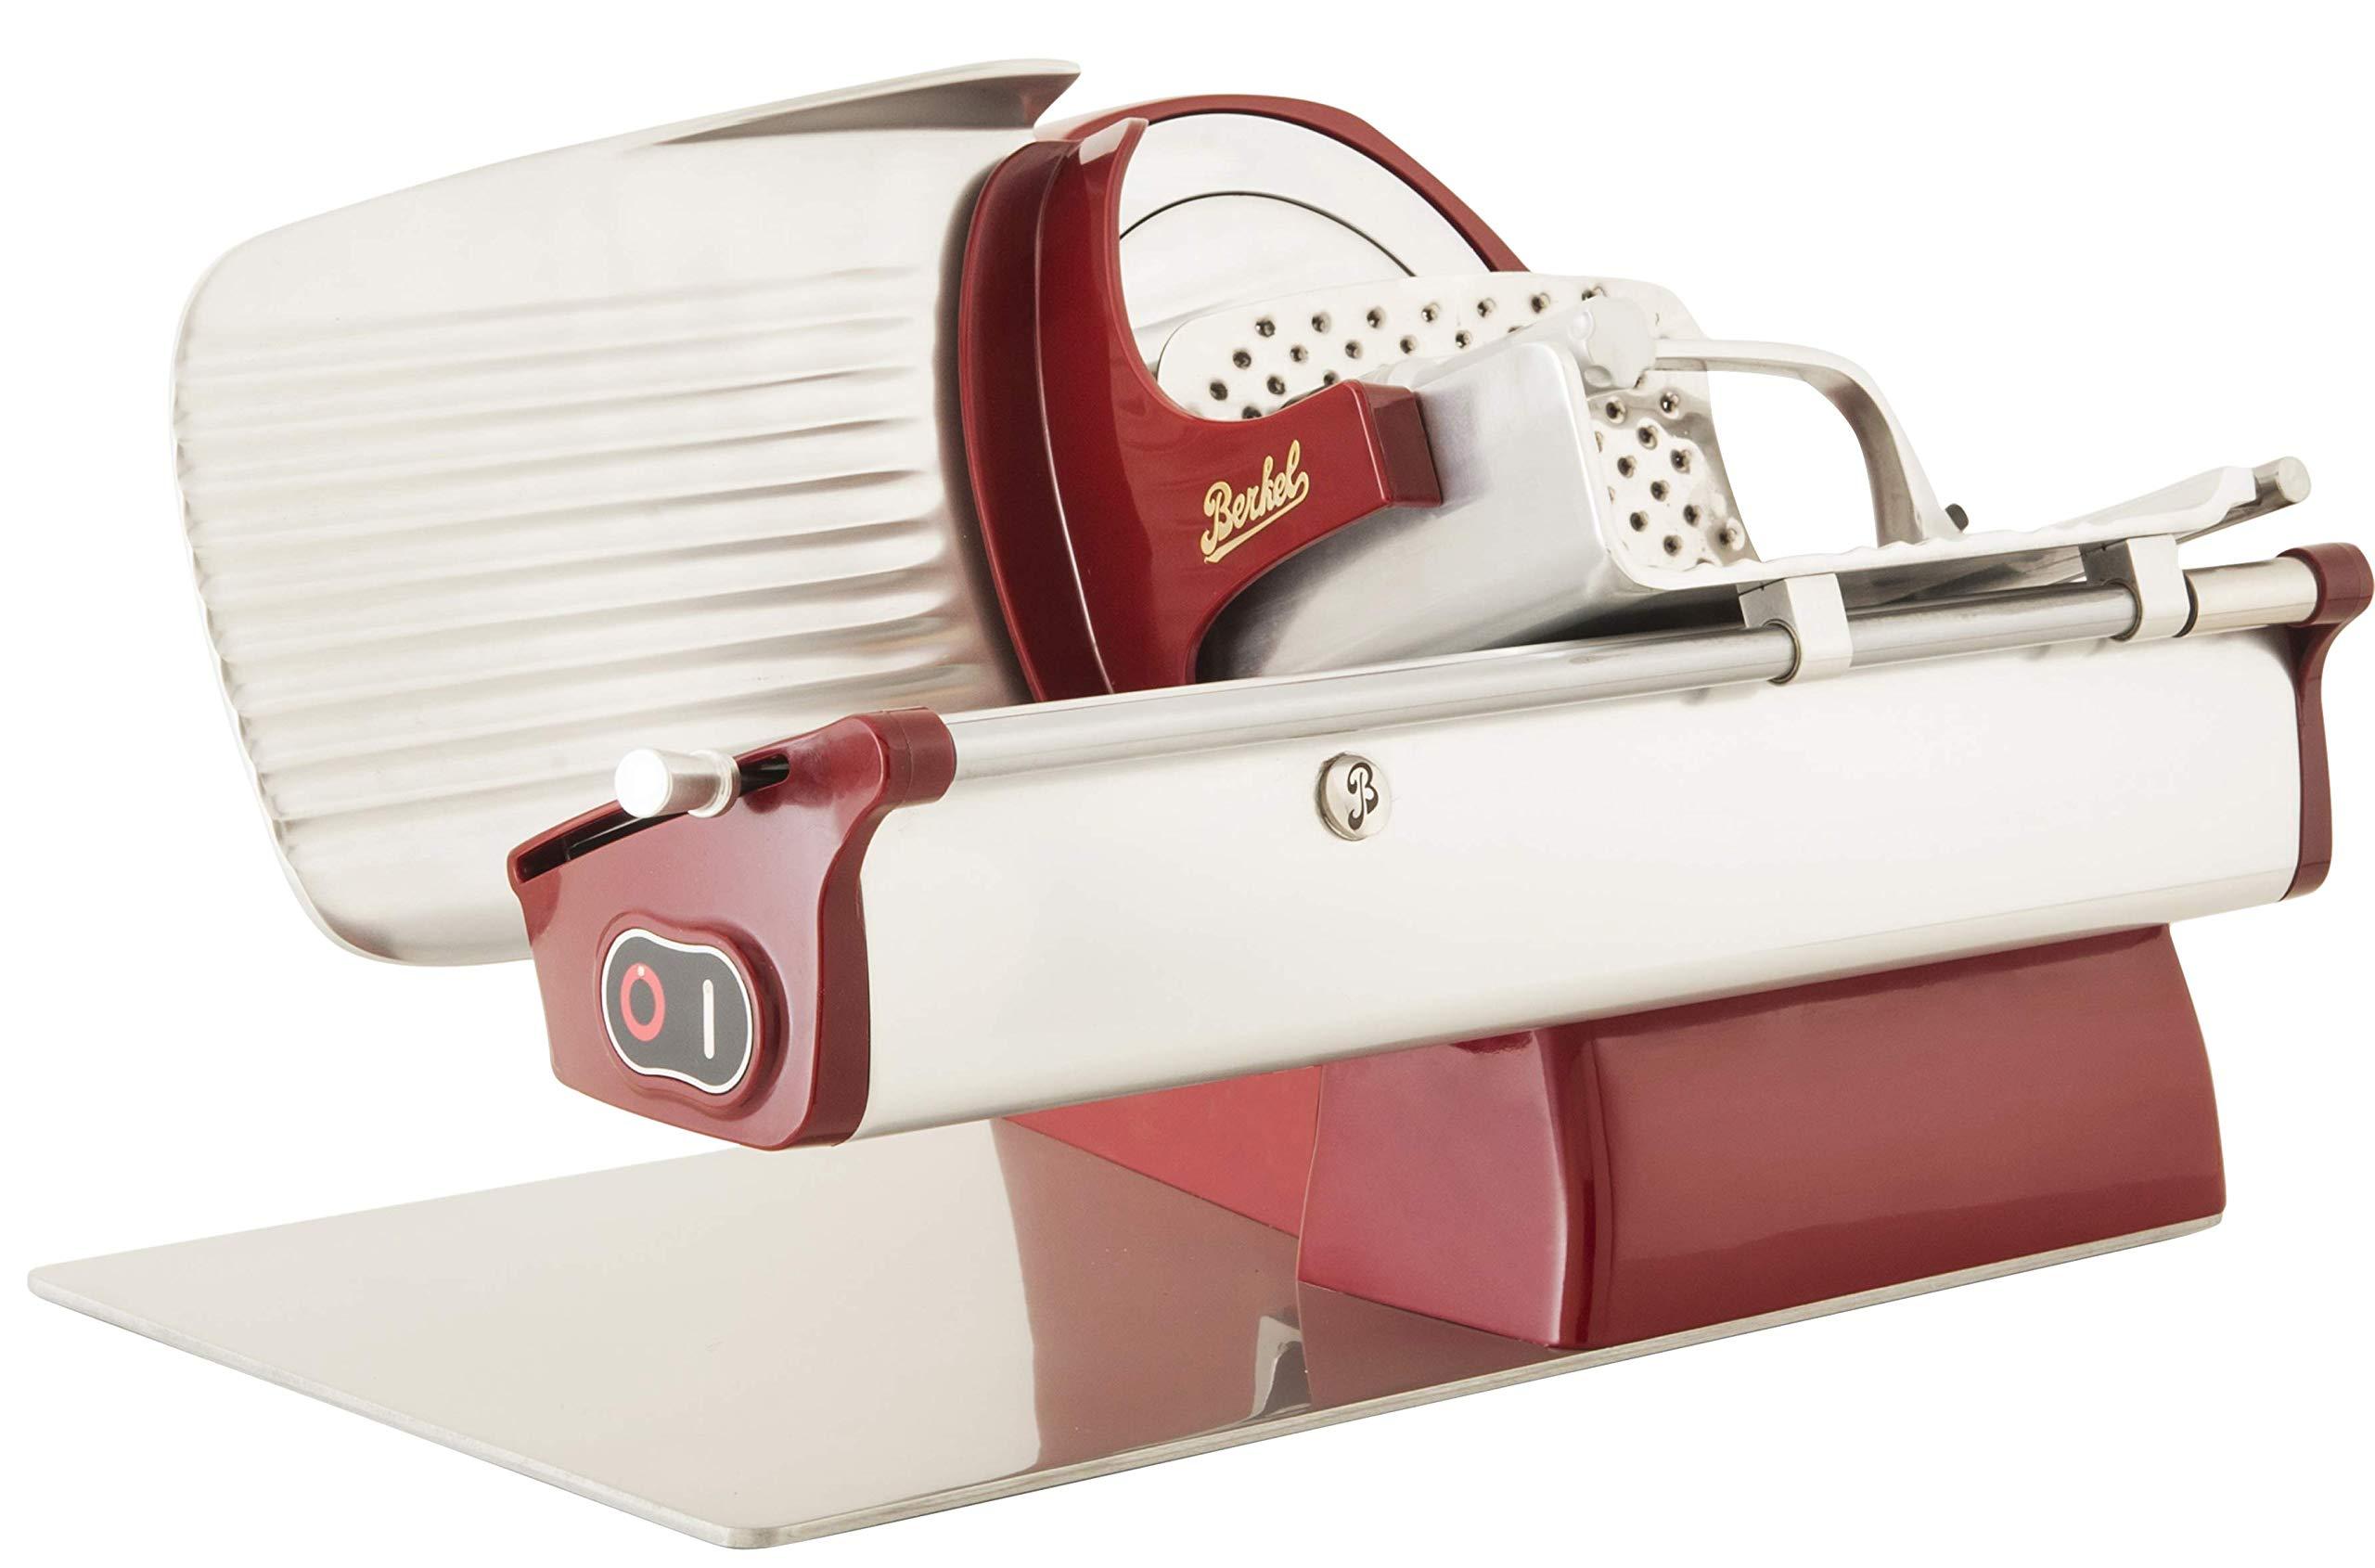 Berkel Home Line 200 Red Stainless Steel Electric Slicer by Berkel